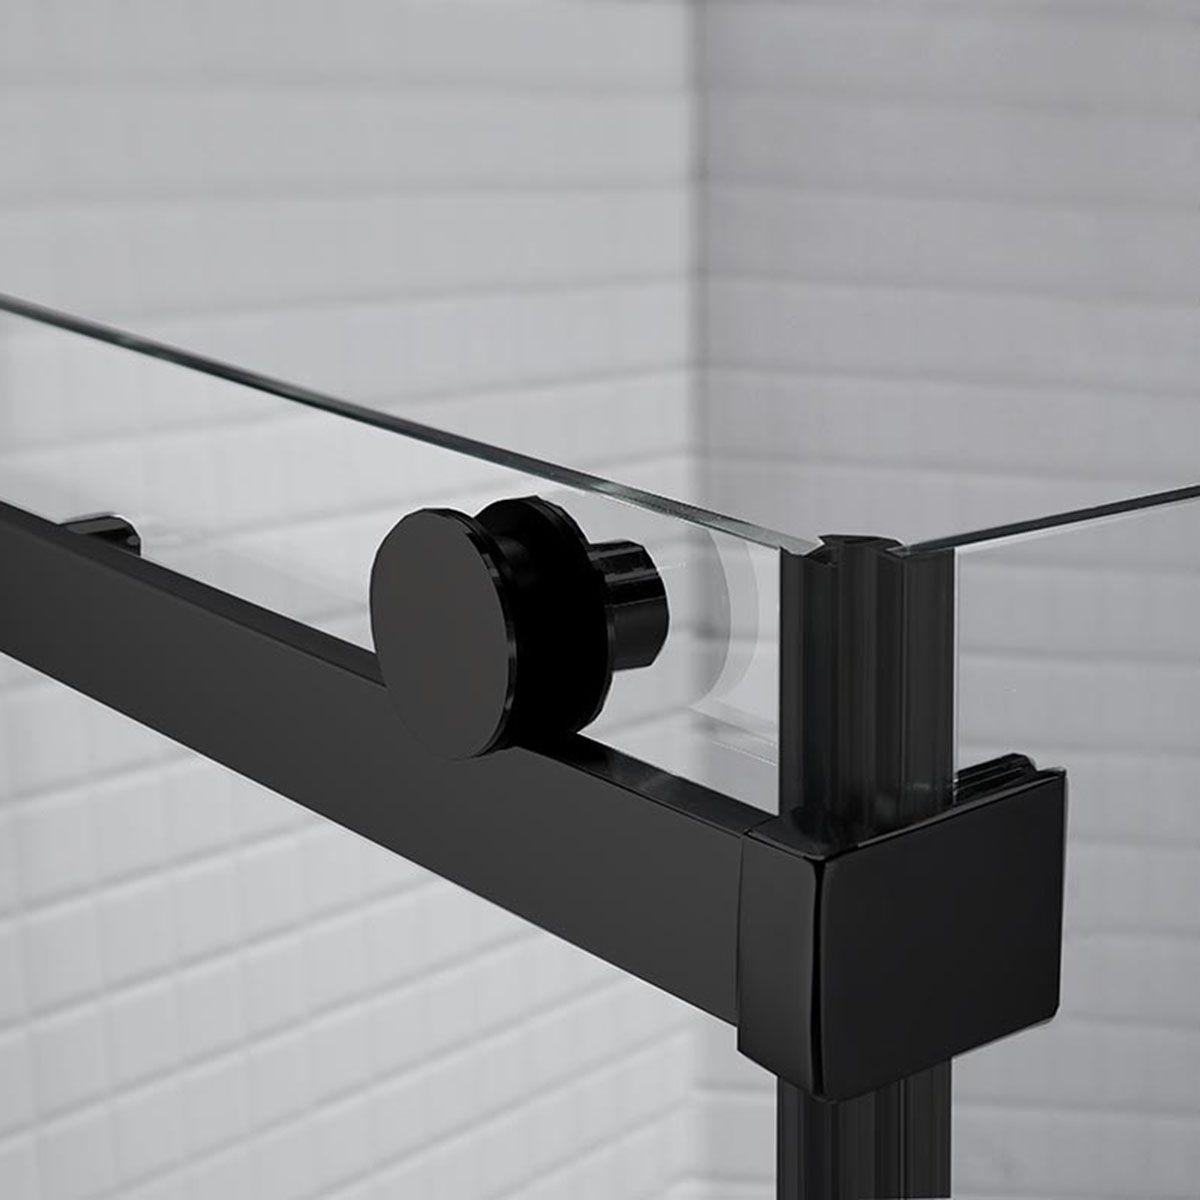 Frontline Aquaglass Sphere Black Sliding Shower Enclosure with Optional Side Panel Roller